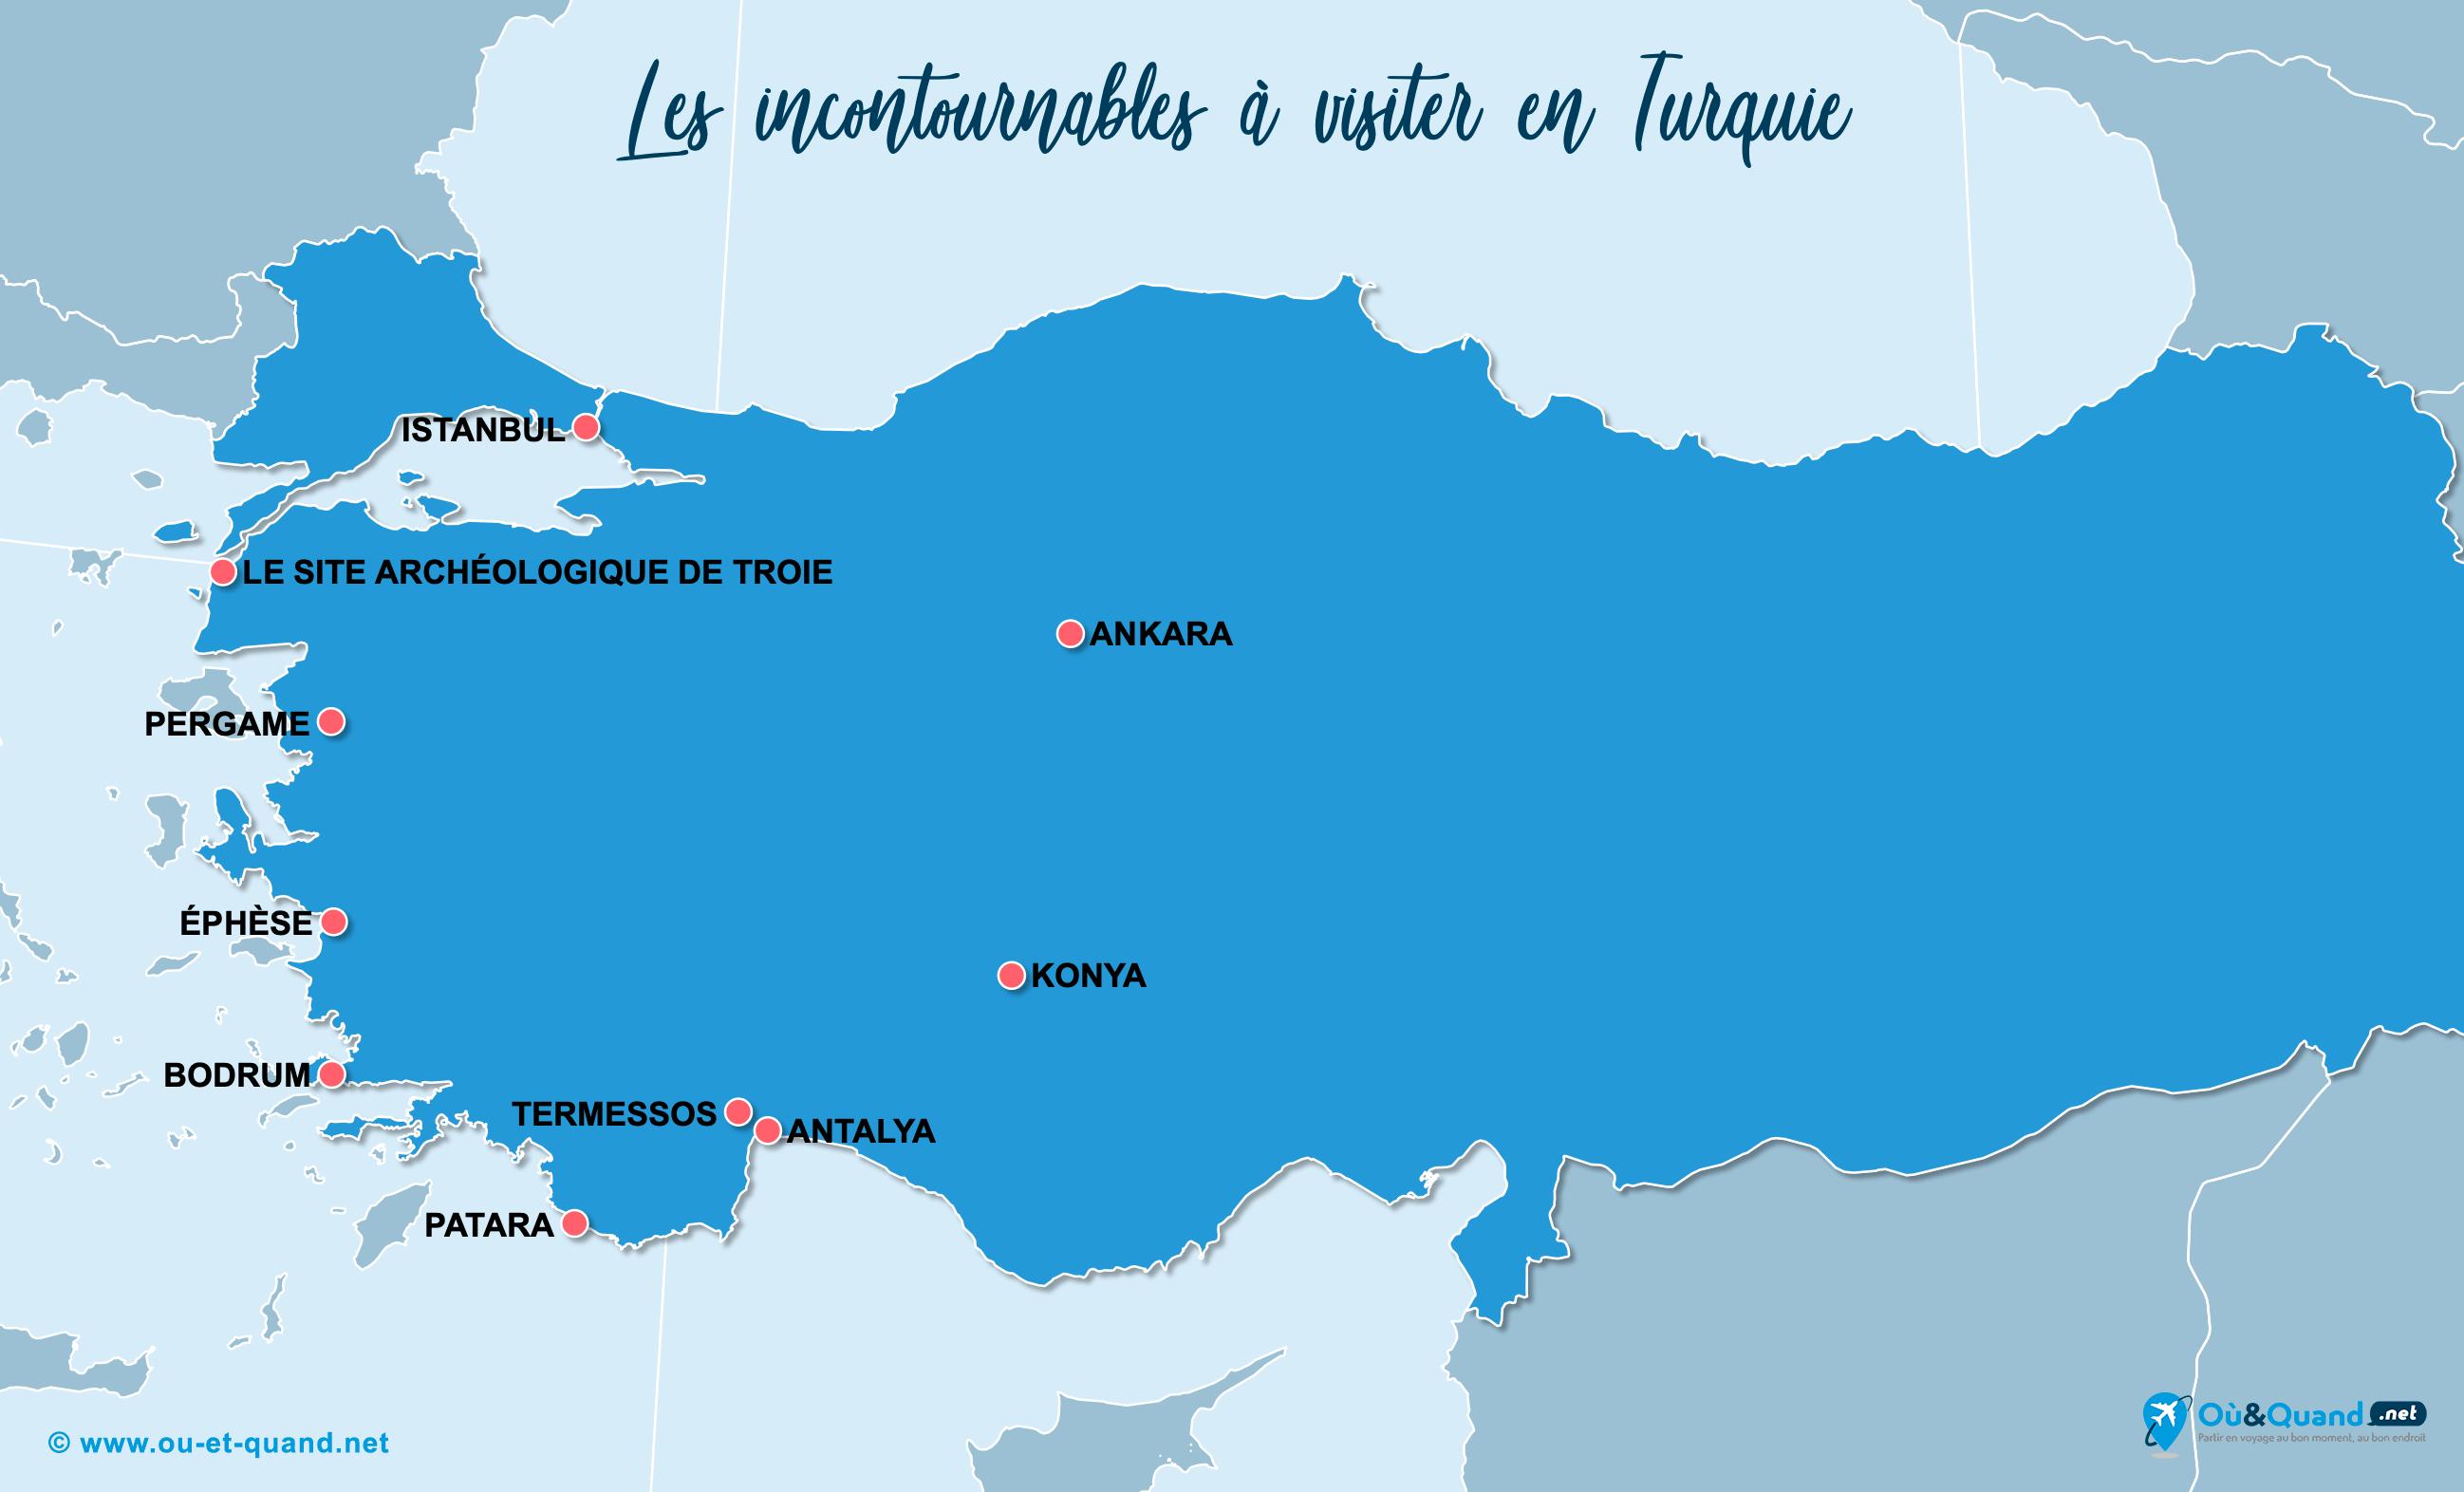 Carte Incontournables Turquie